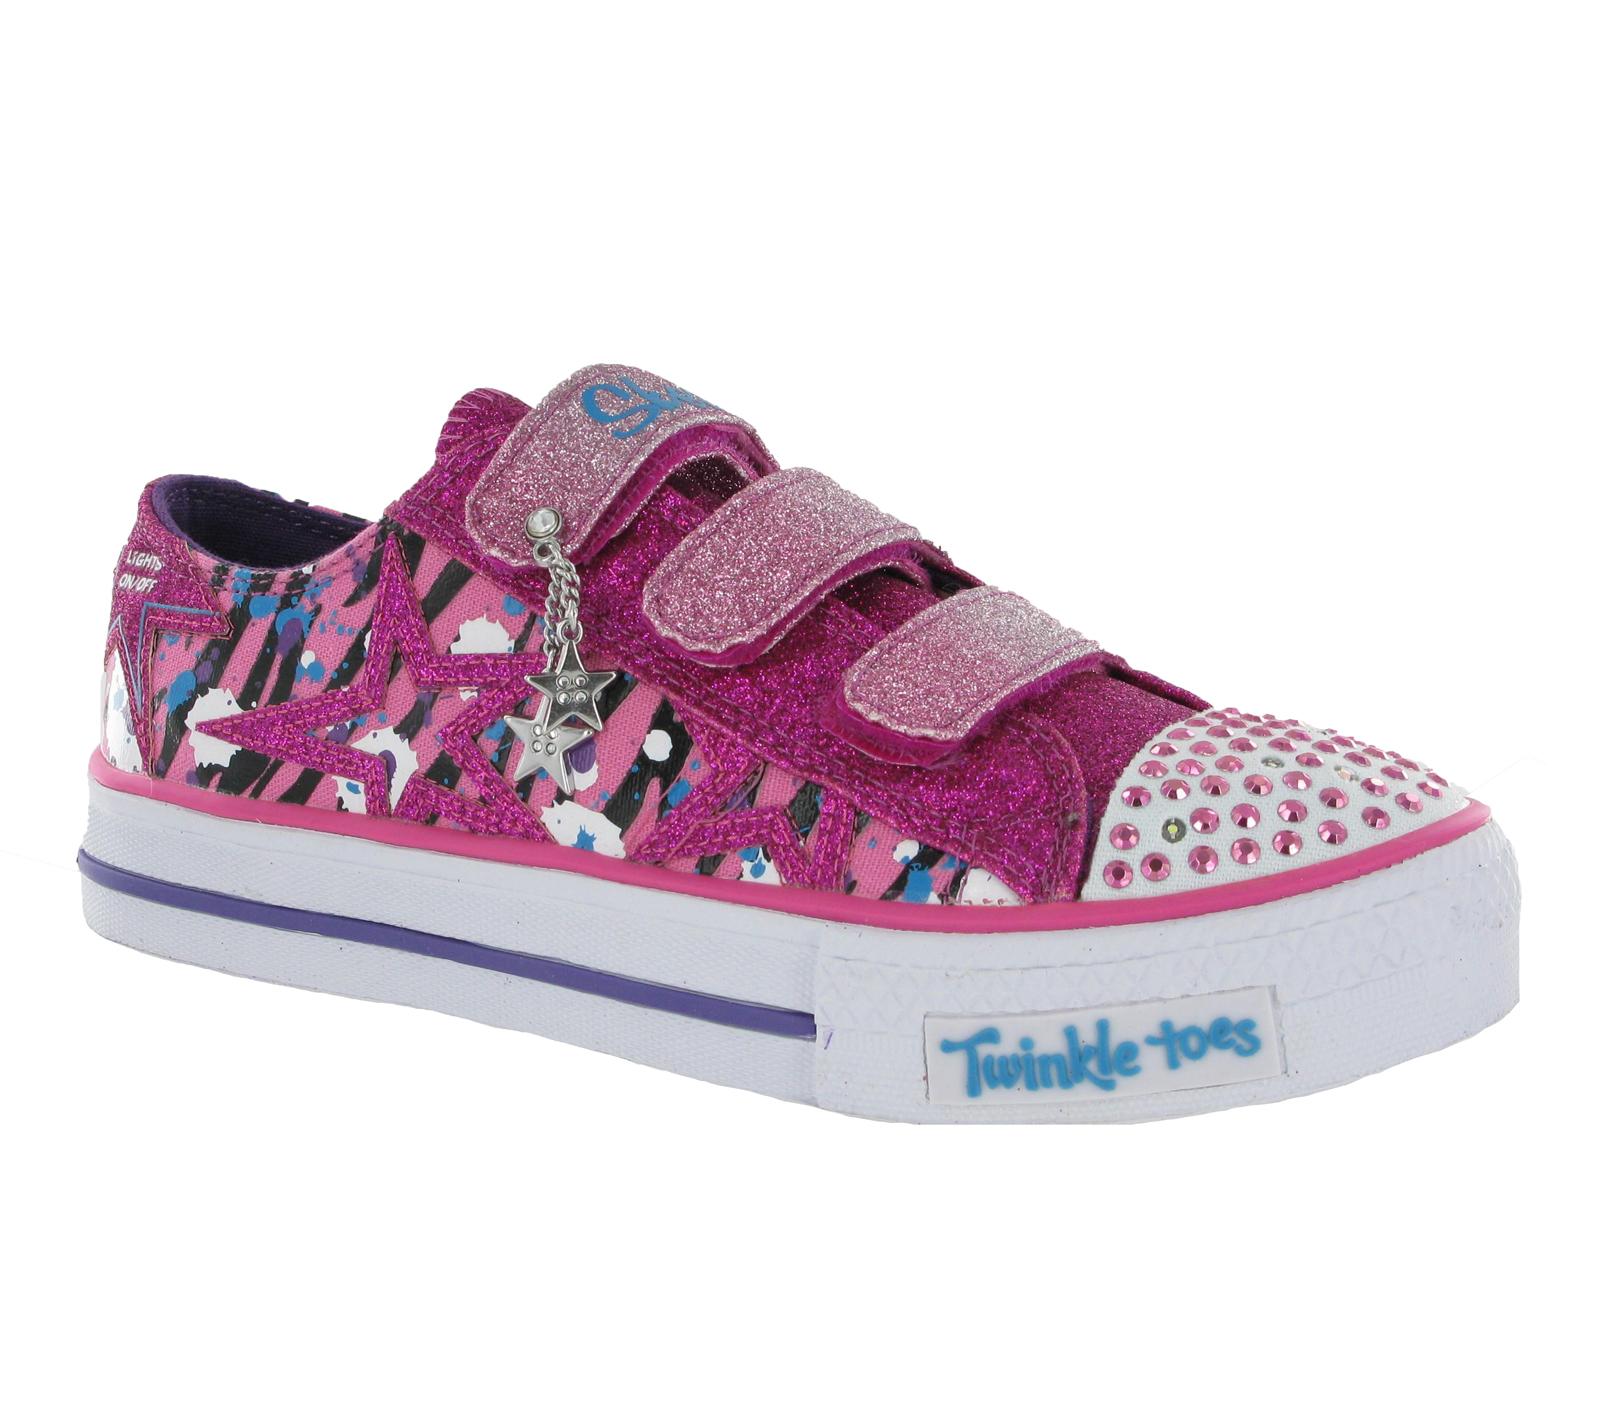 skechers shoes for girls kids. new-older-girls-kids-skechers-twinkle-toes-light- skechers shoes for girls kids